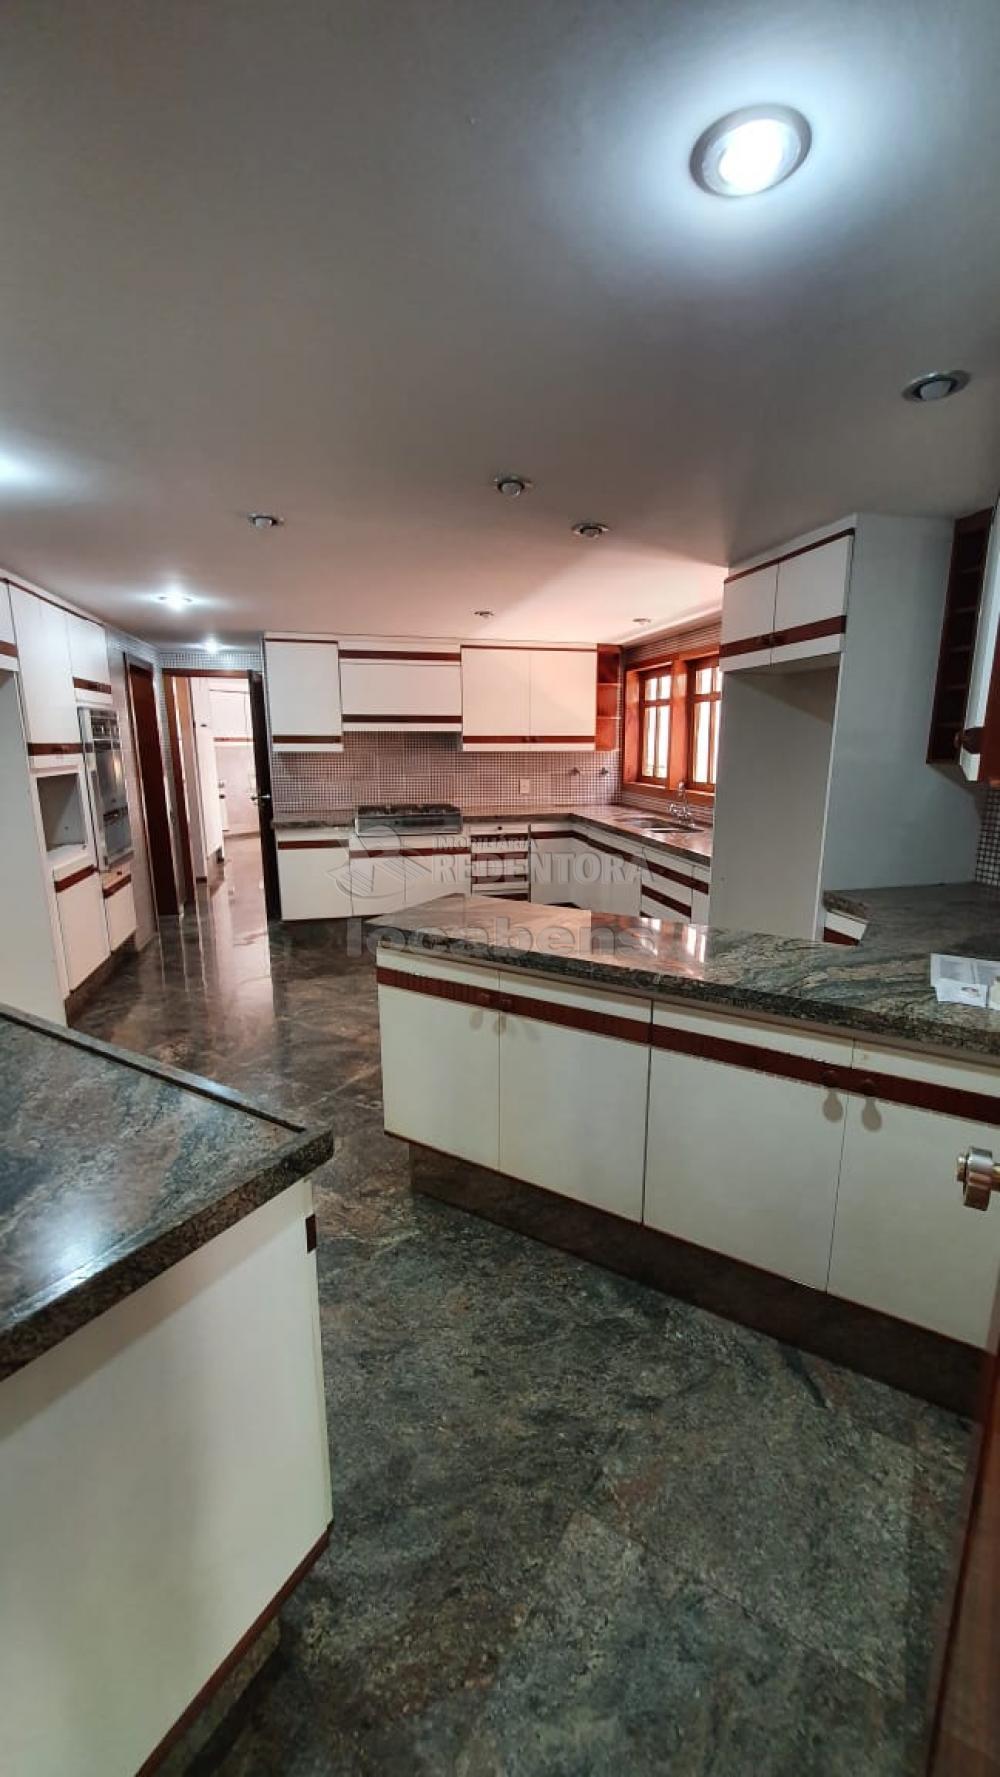 Comprar Casa / Condomínio em São José do Rio Preto R$ 3.500.000,00 - Foto 5